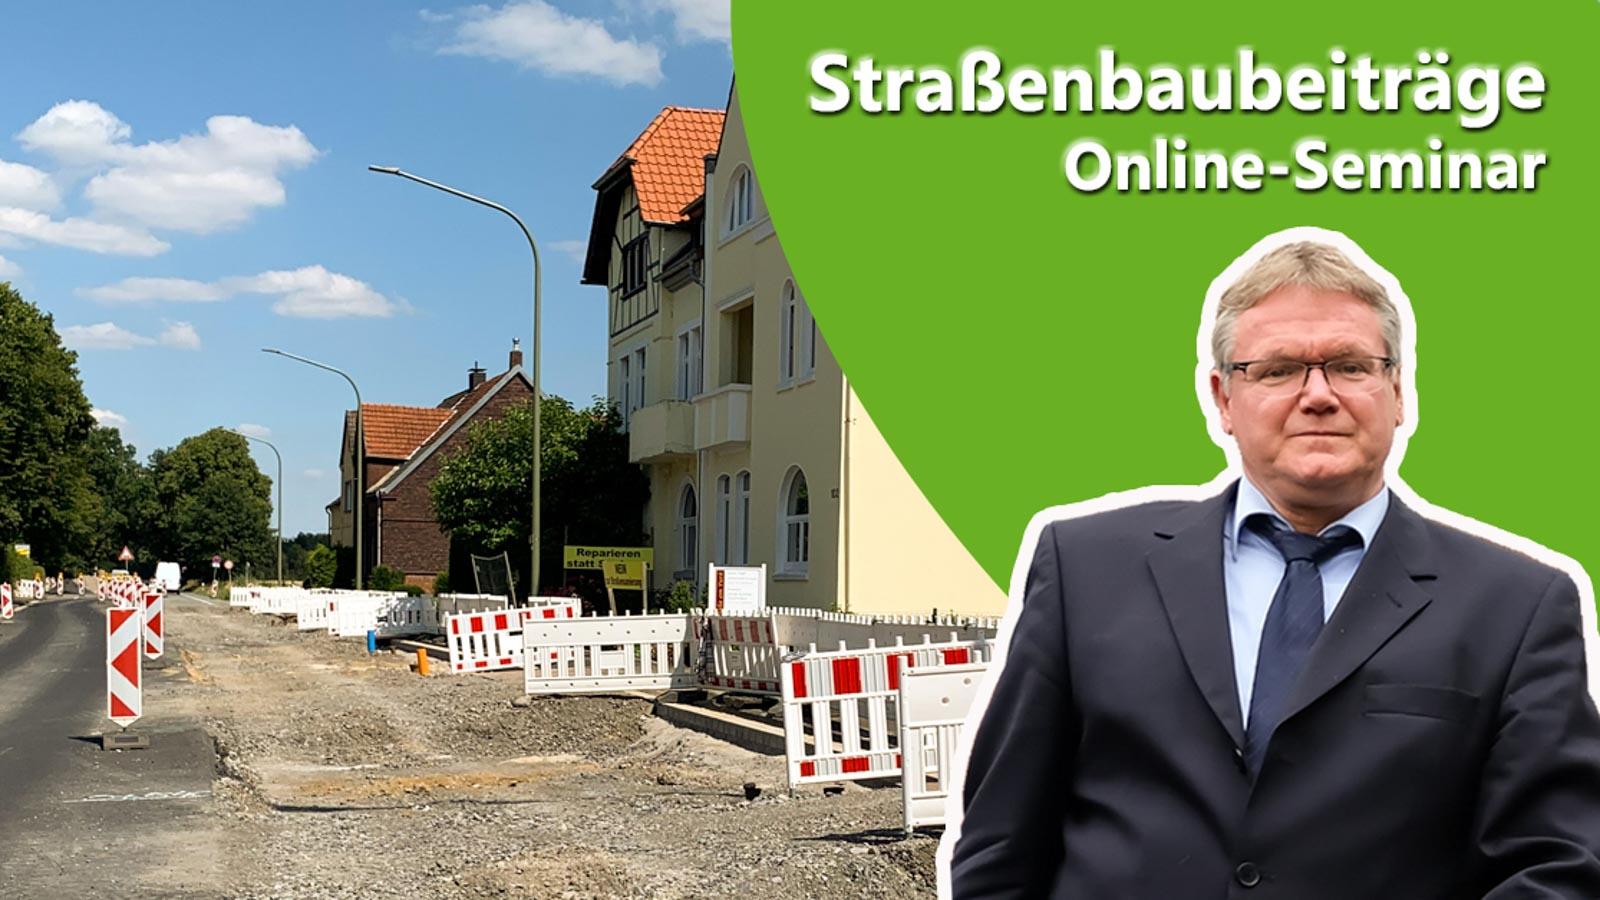 Ankündigung Online-Seminar Straßenbaubeiträge mit Referenten und eine Straßen-Baustelle